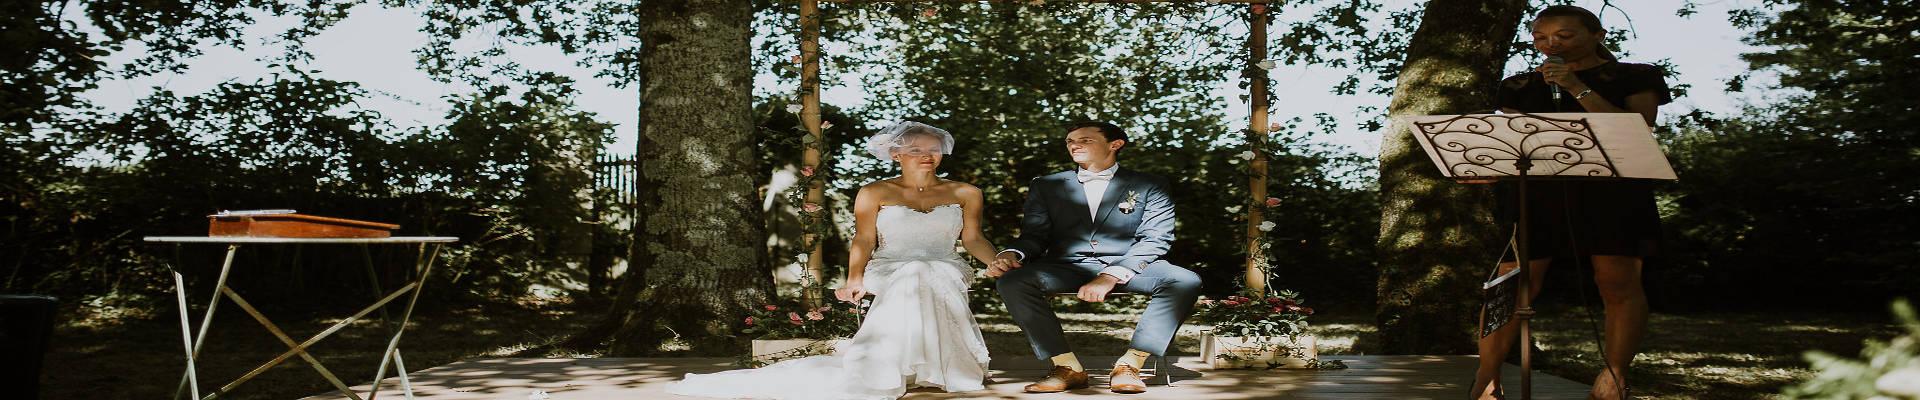 wedding ceremony in france - wedding celebrants in france